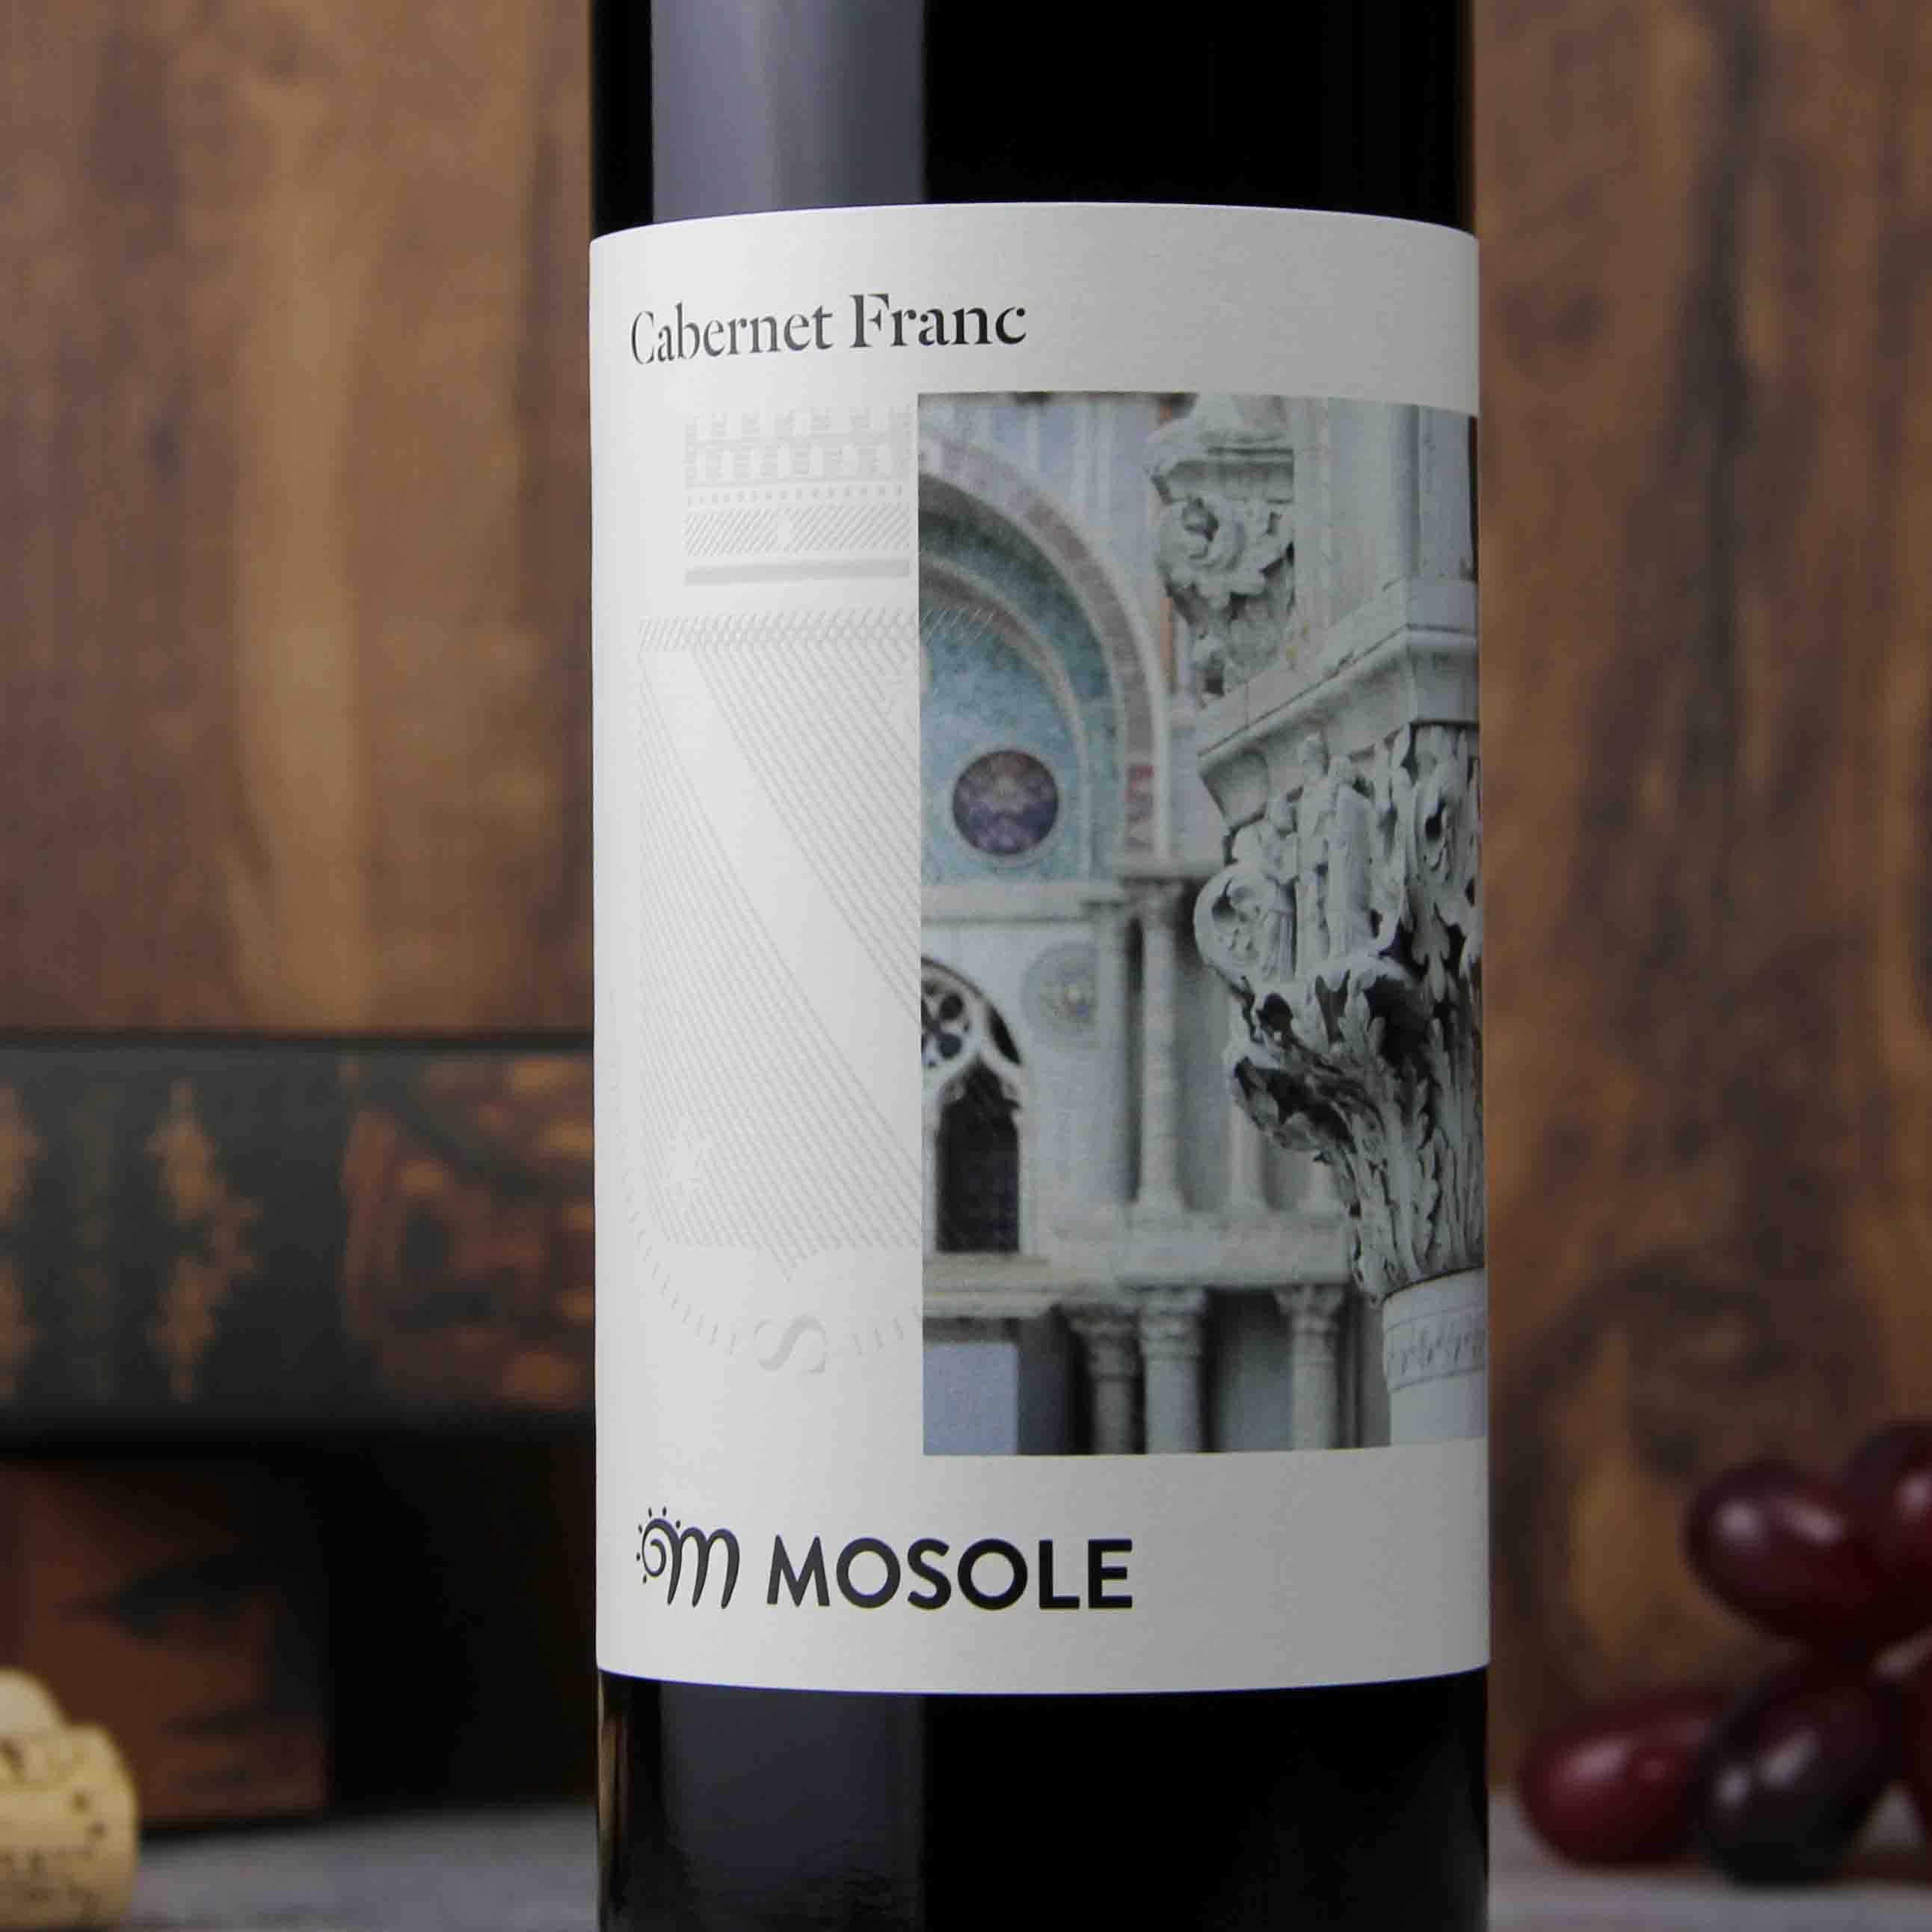 意大利威尼托莫斯勒品丽珠干红葡萄酒